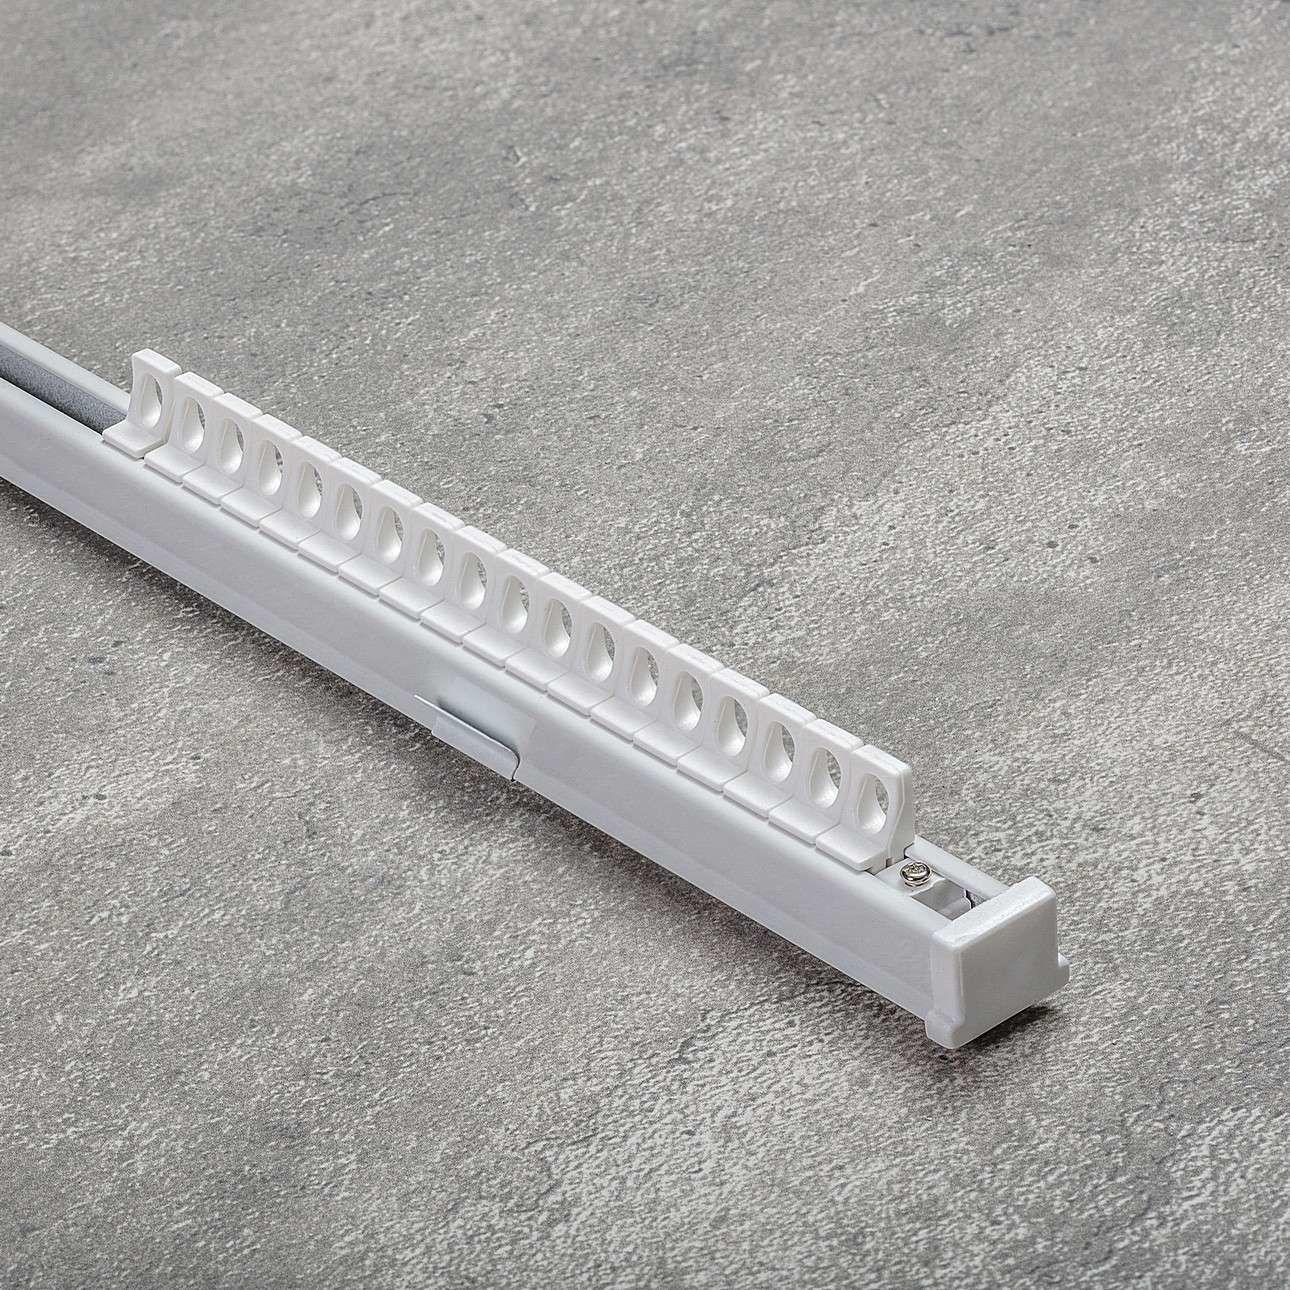 Komplet- szyna przysufitowa aluminiowa TS pojedyncza 180cm